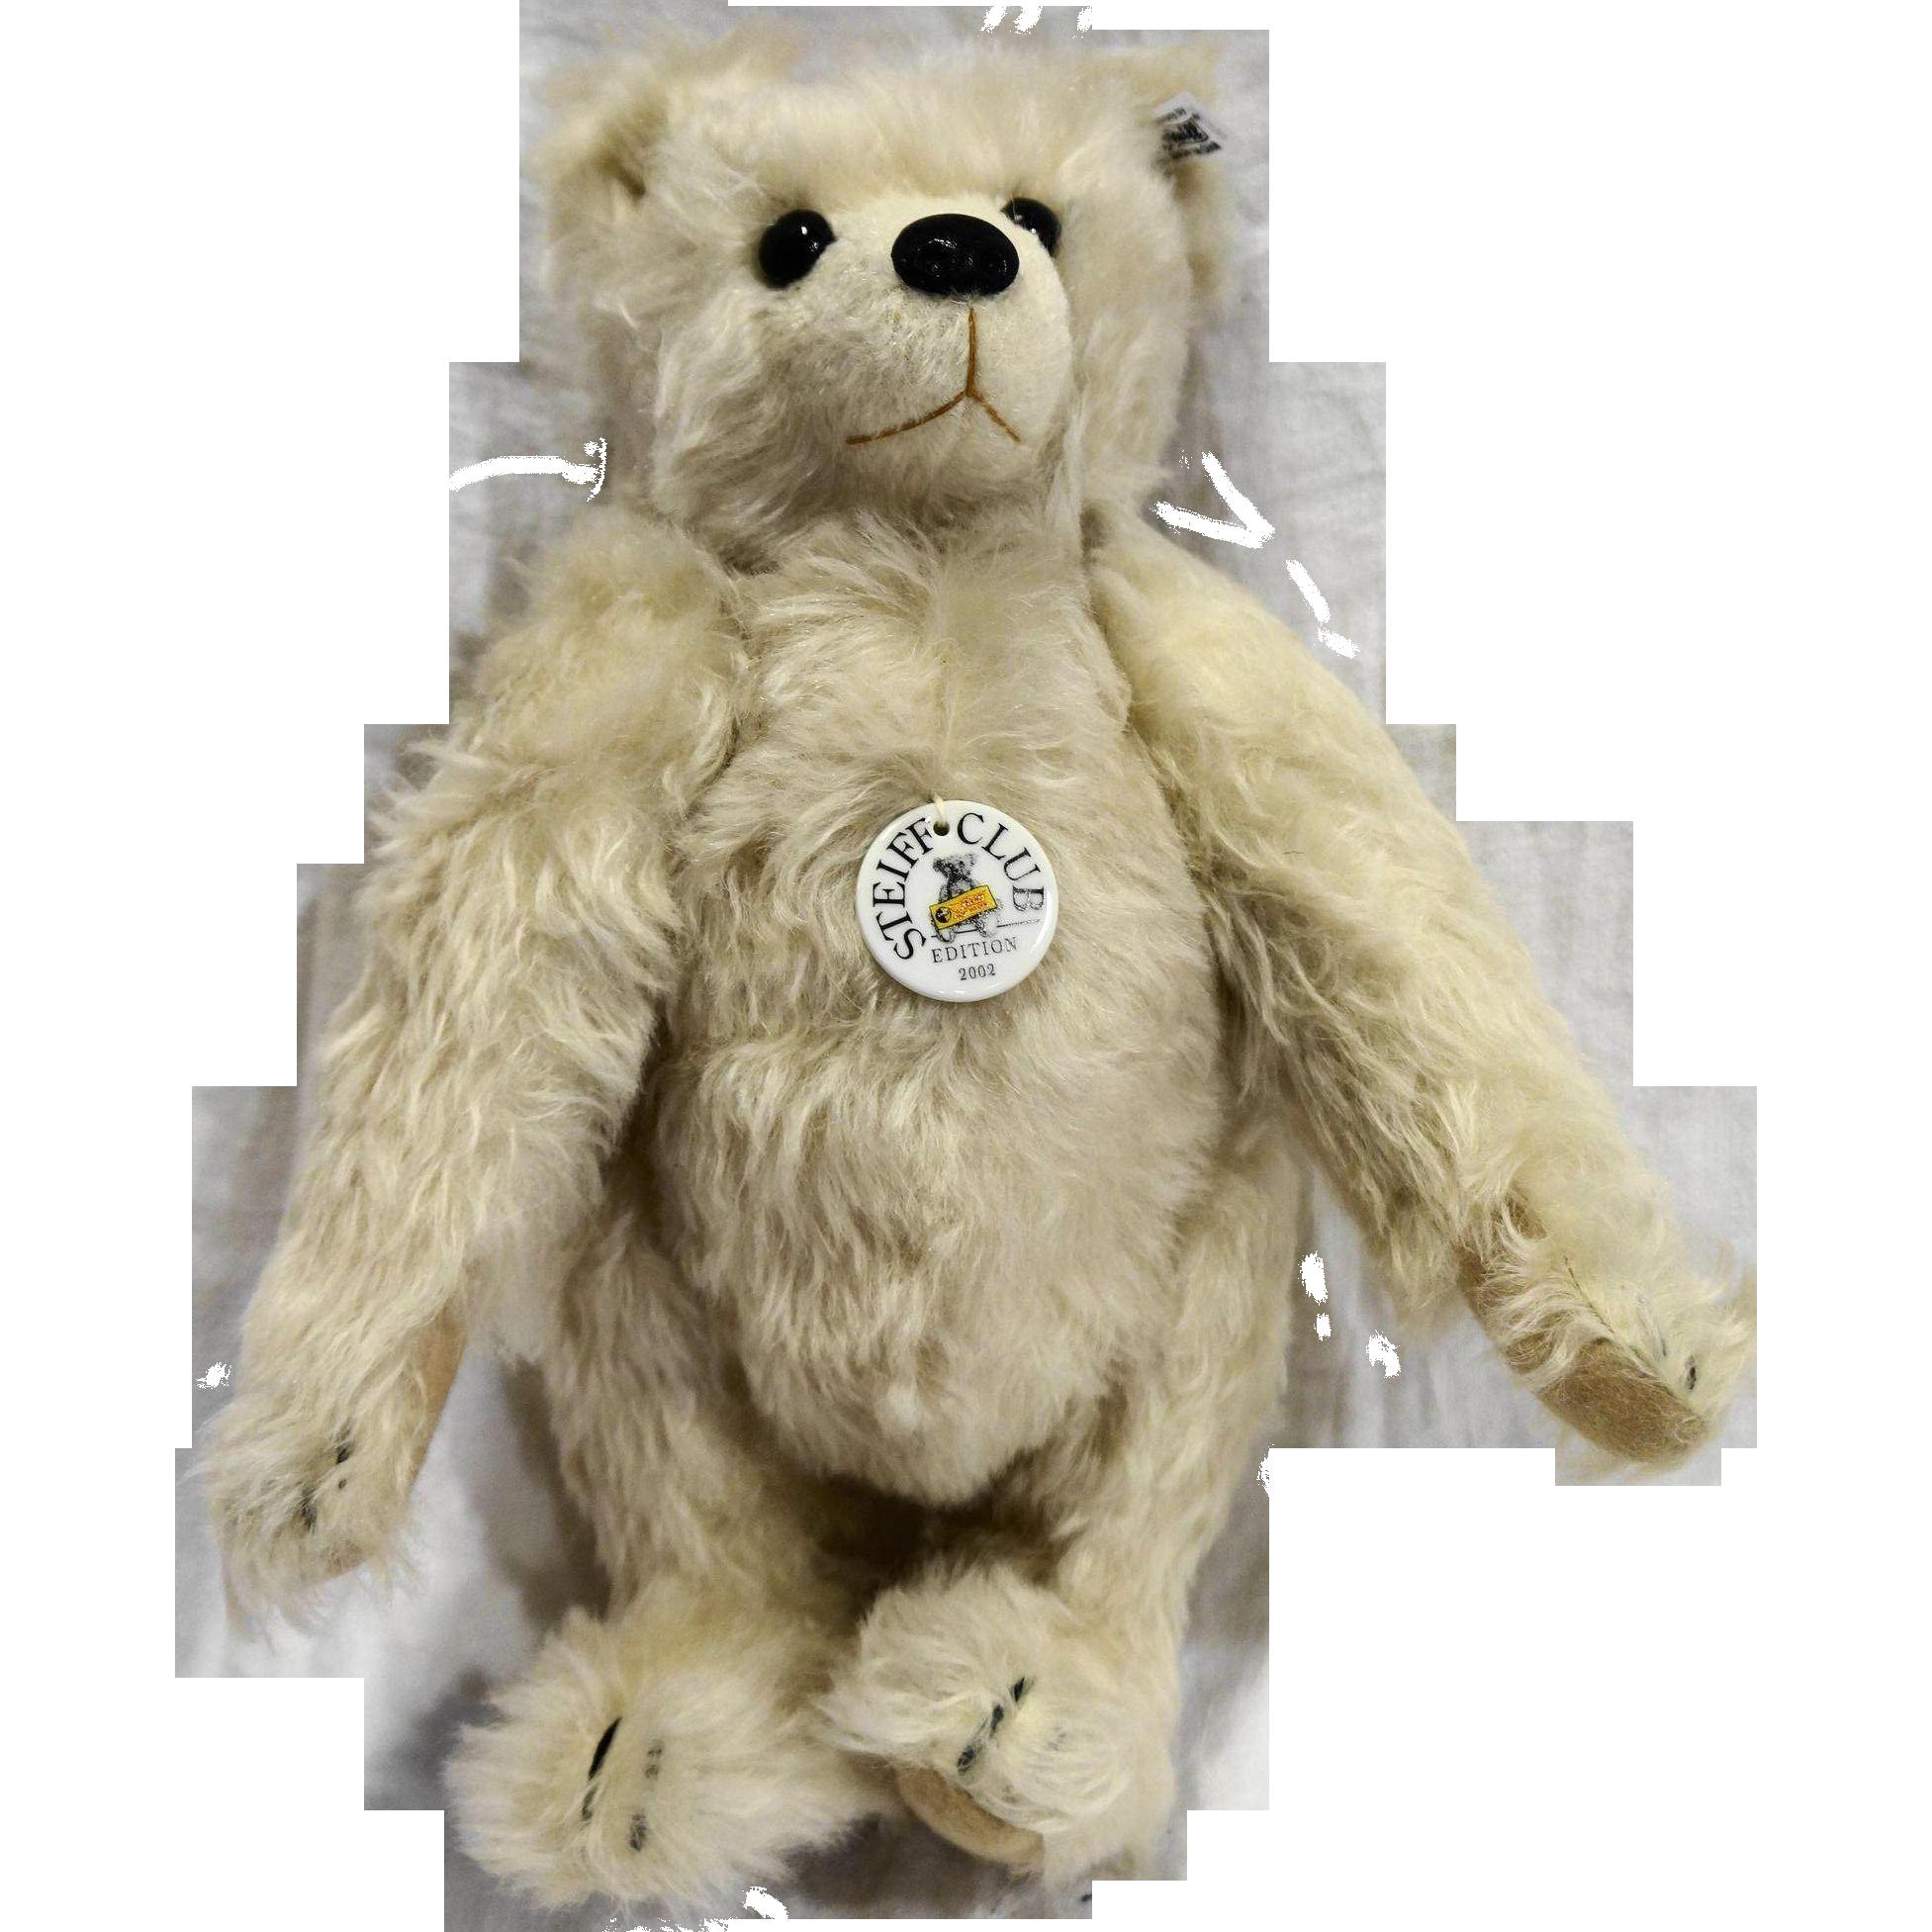 Steiff Teddy Bear 28 PB Club Edition EAN 420290 2002/2003 MIB New